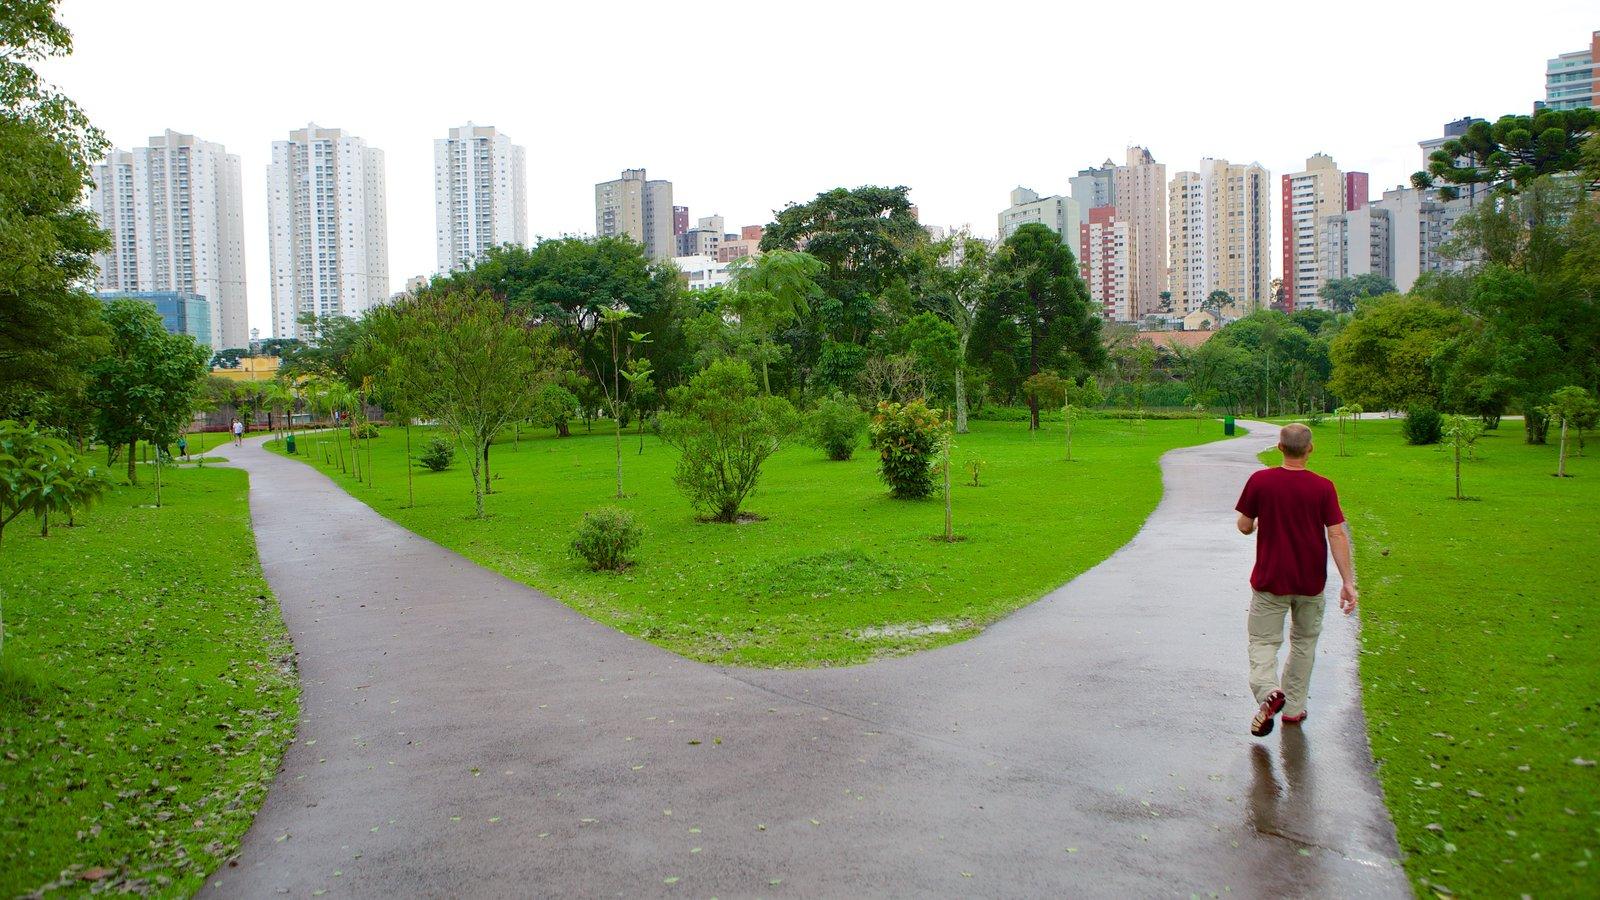 Parque Botânico de Curitiba caracterizando um parque e escalada ou caminhada assim como um homem sozinho